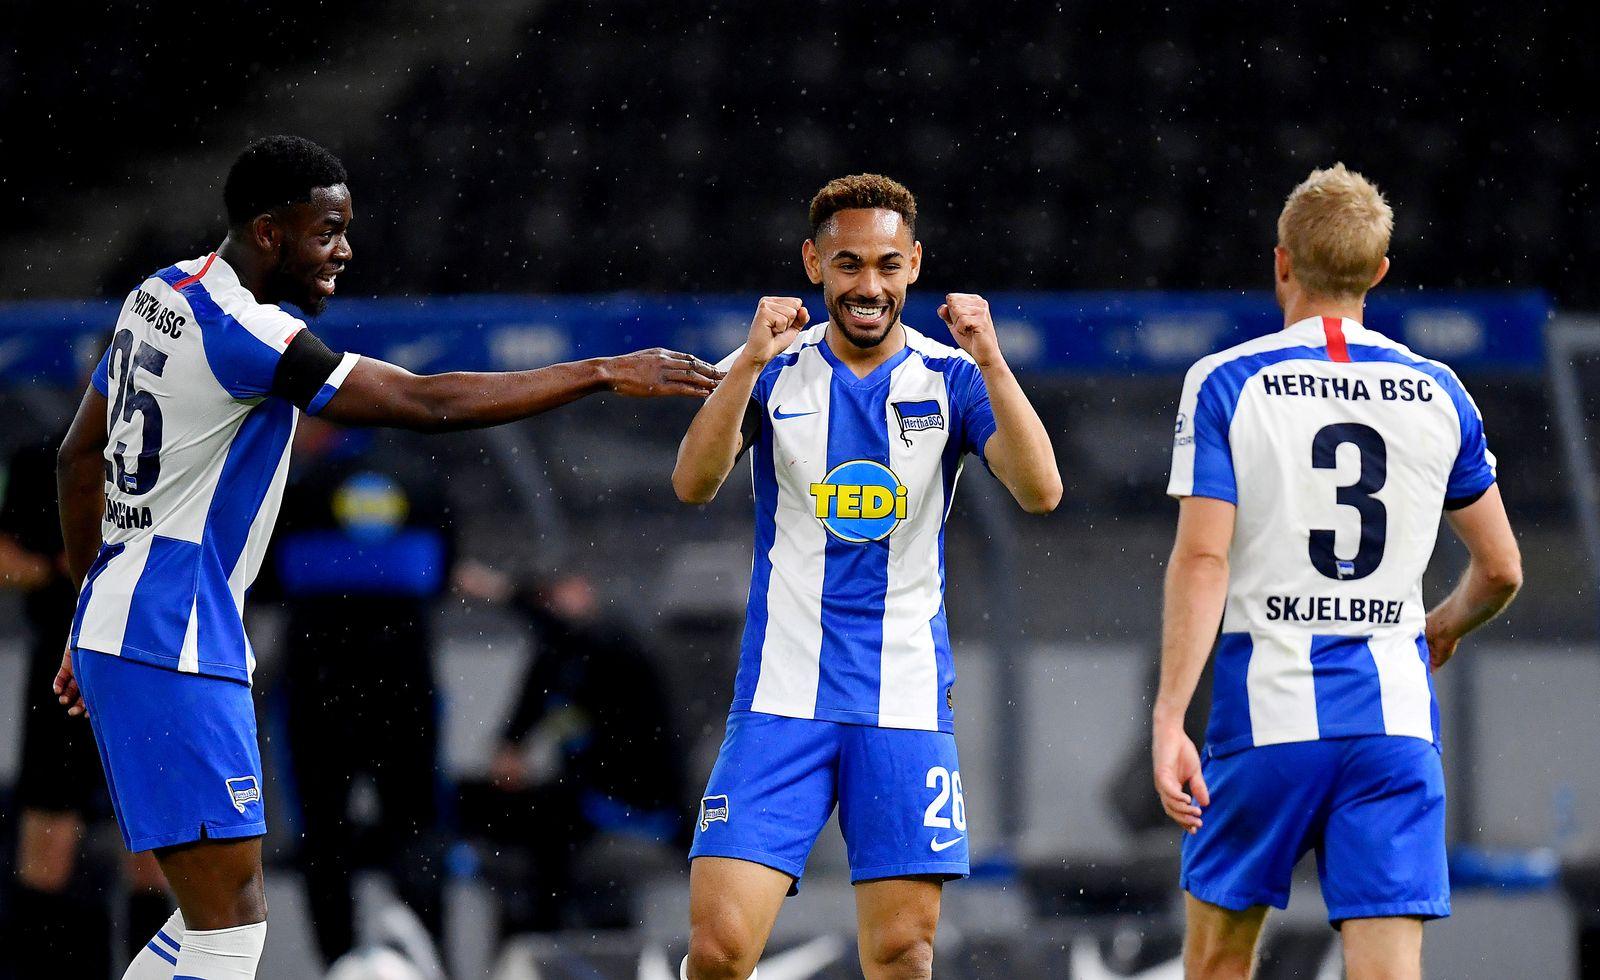 Bundesliga - Hertha BSC v 1. FC Union Berlin